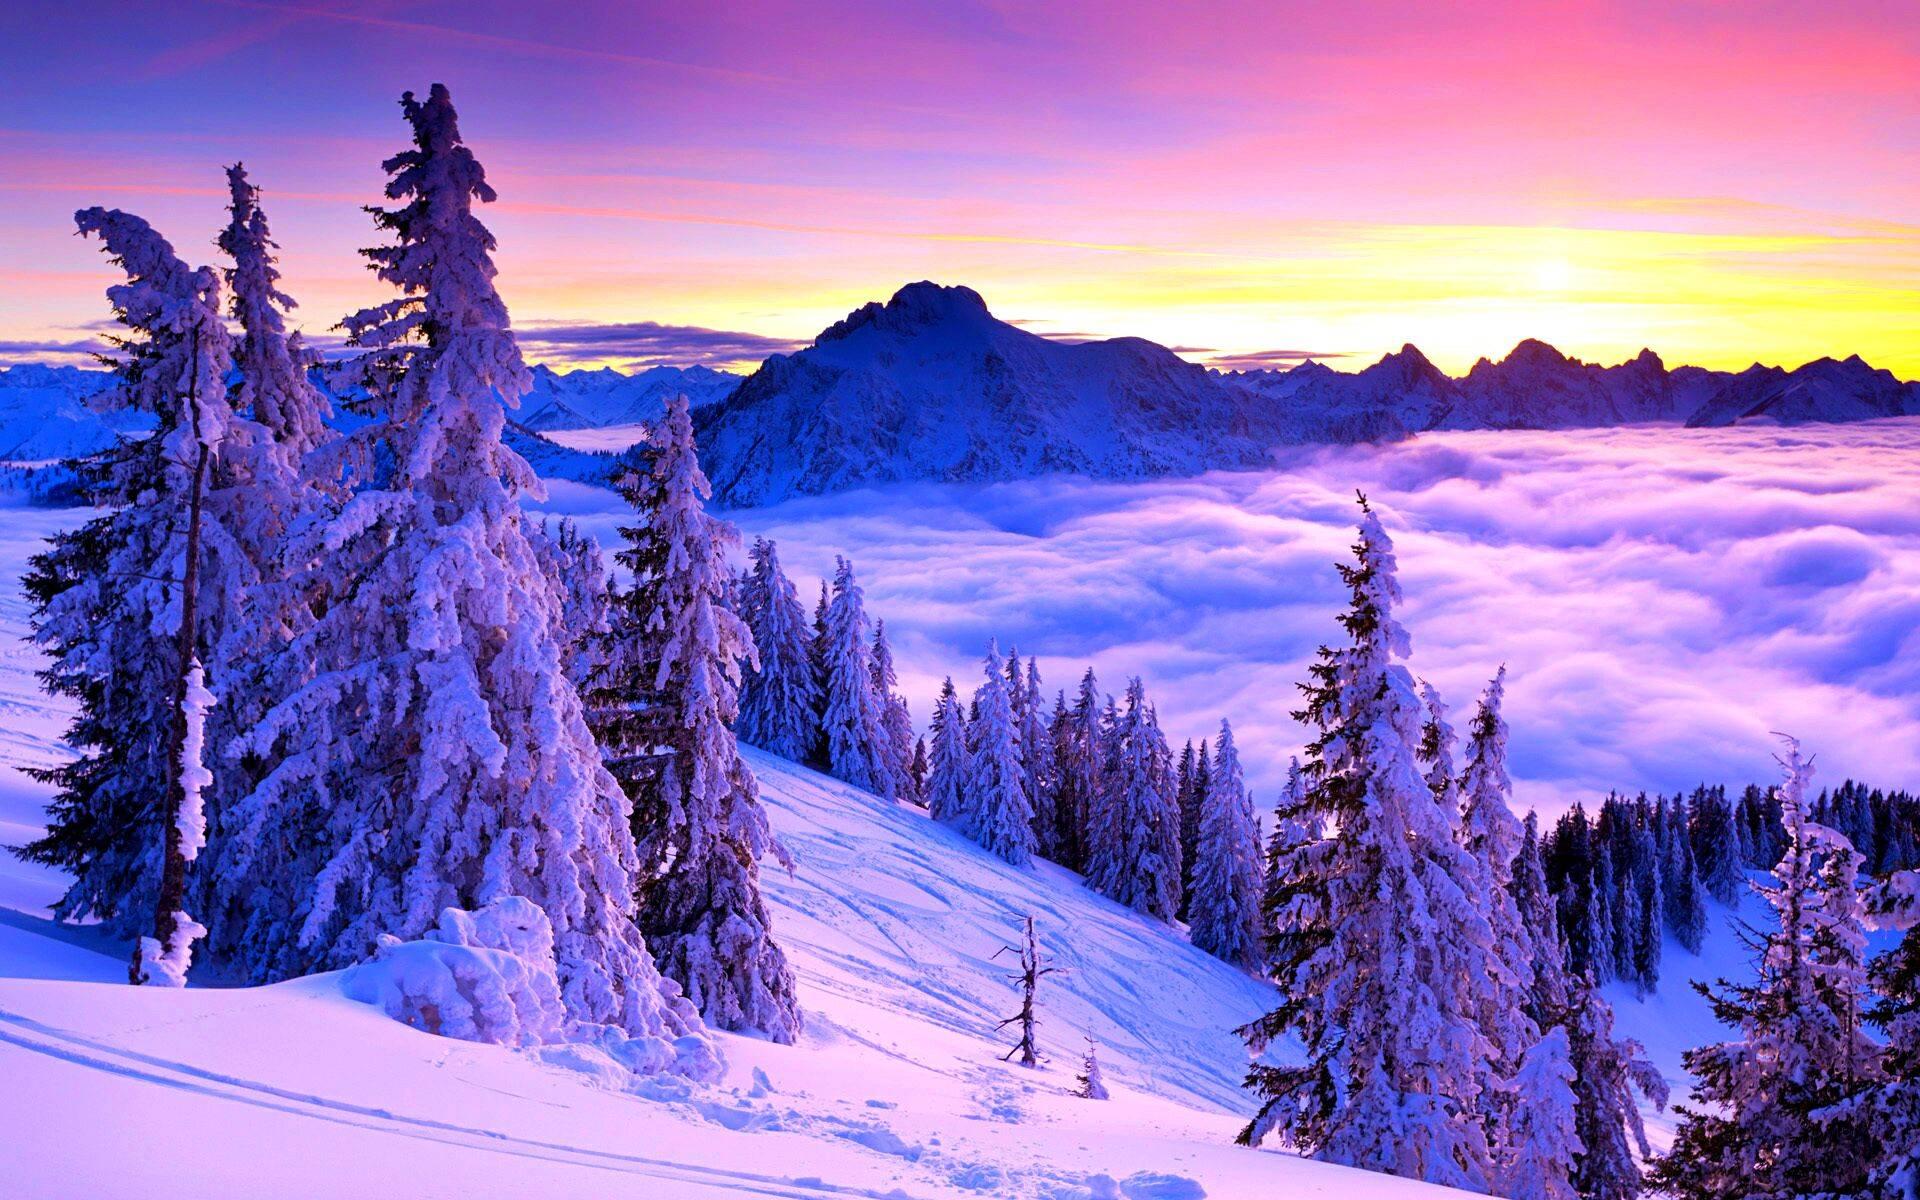 профессионально зимний пейзаж фото высокого разрешения потолок белых